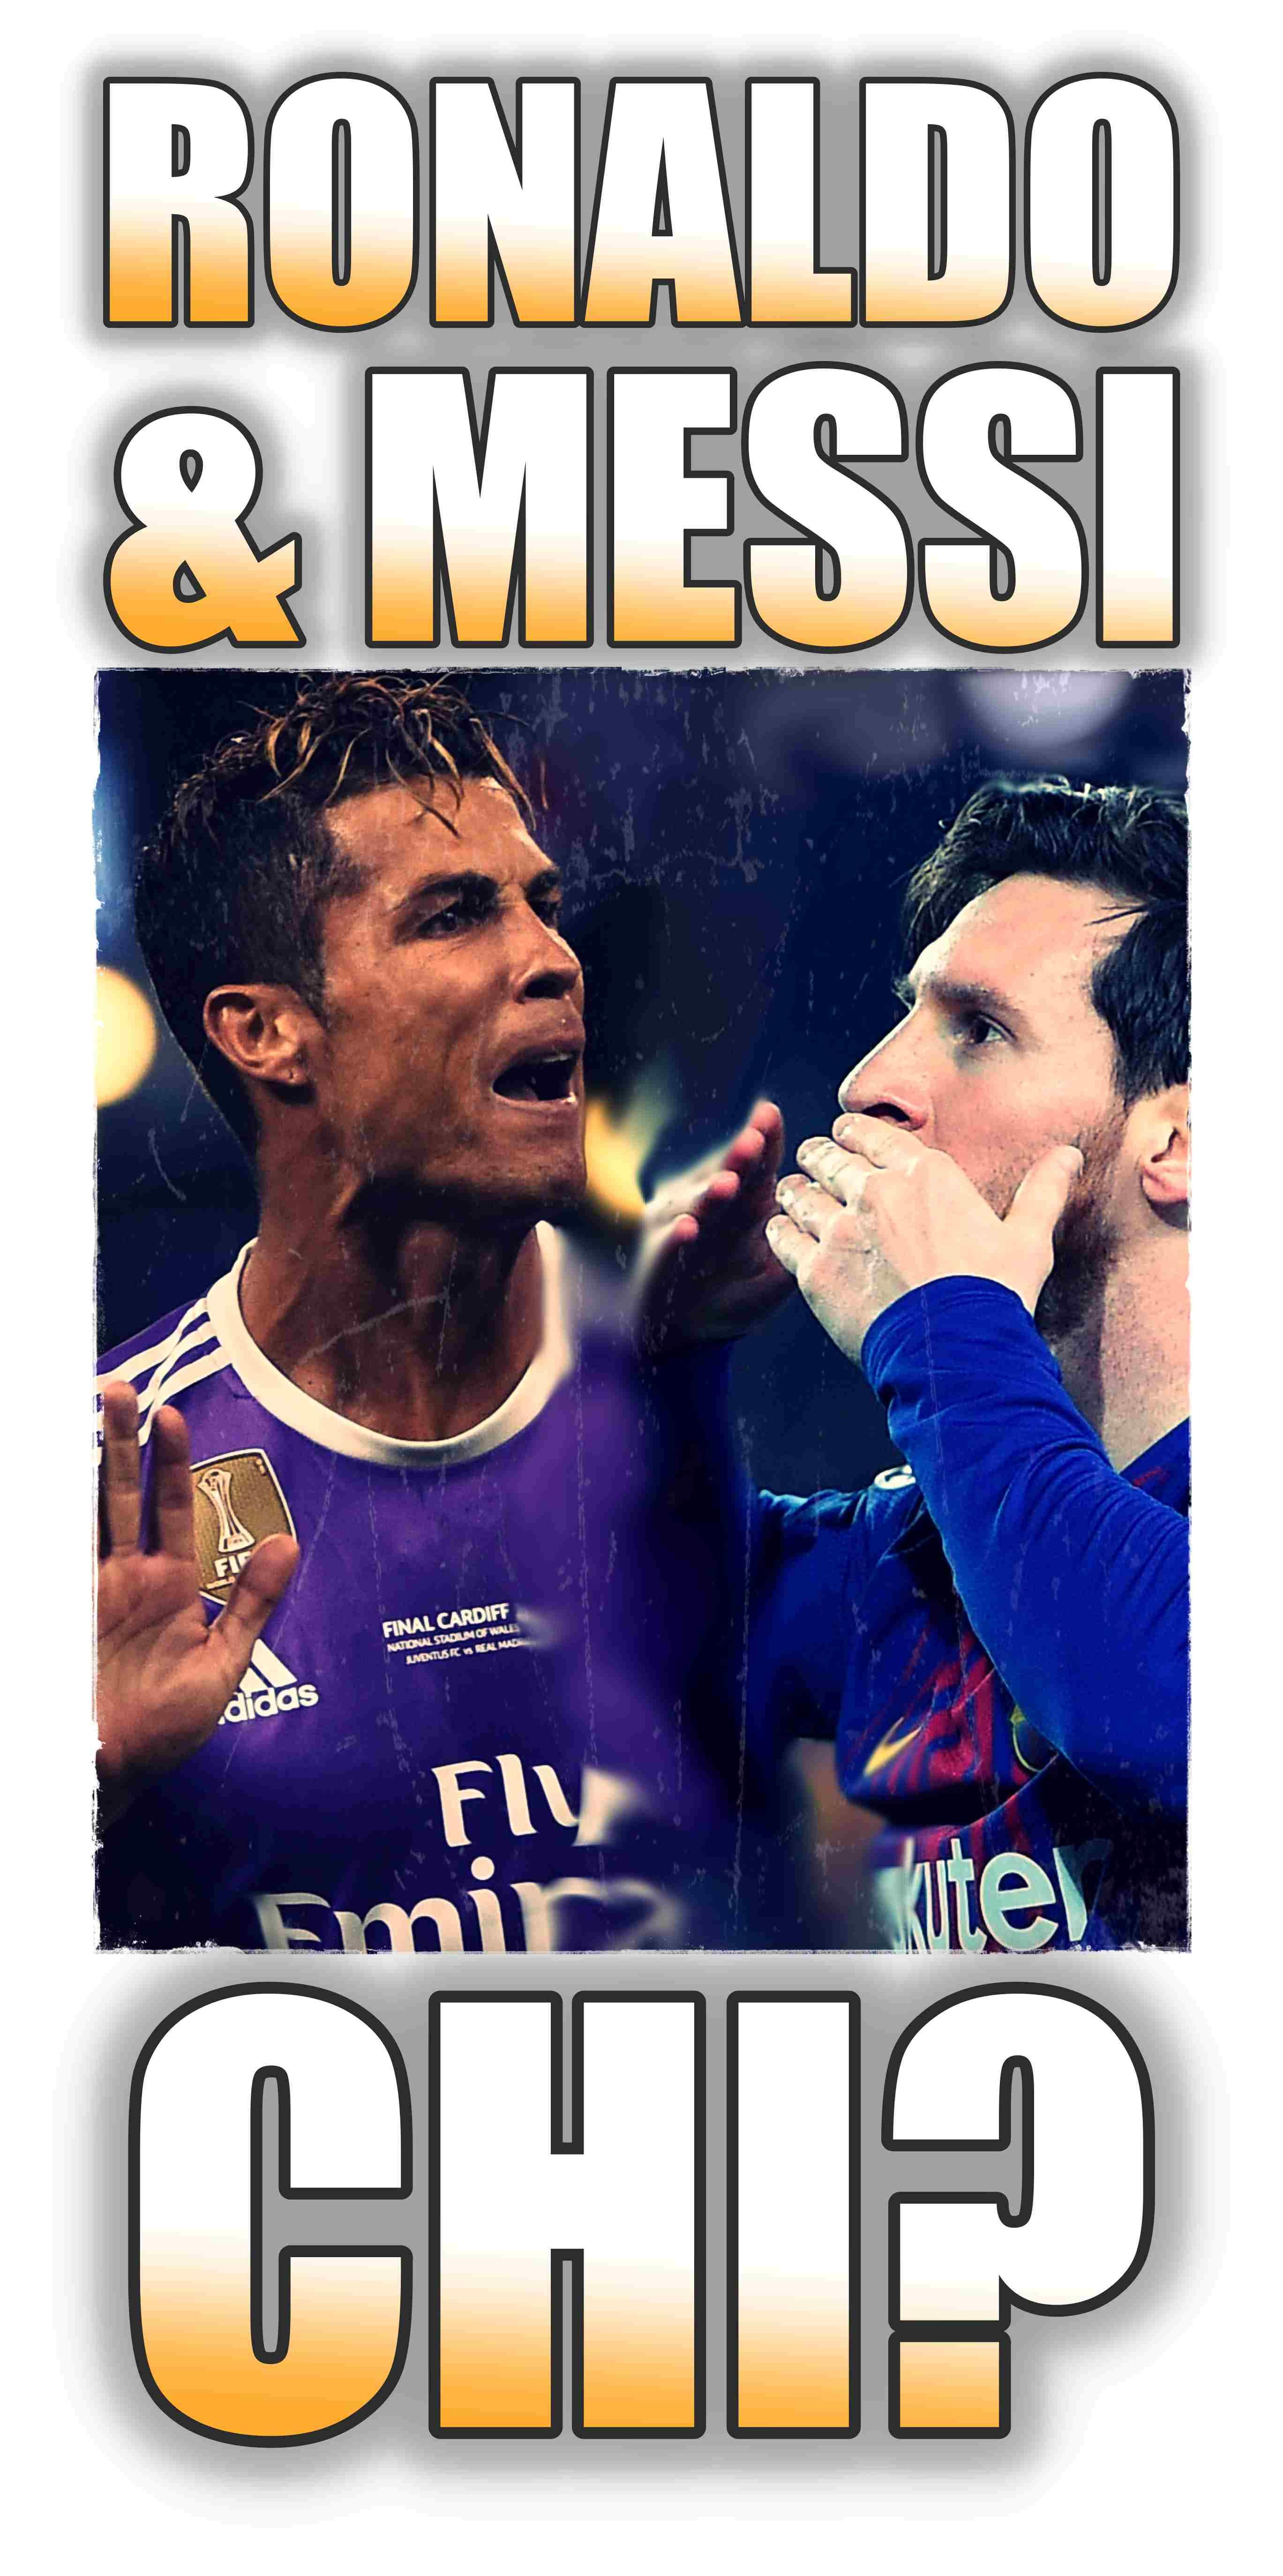 Ronaldo Messi sorteggio 2